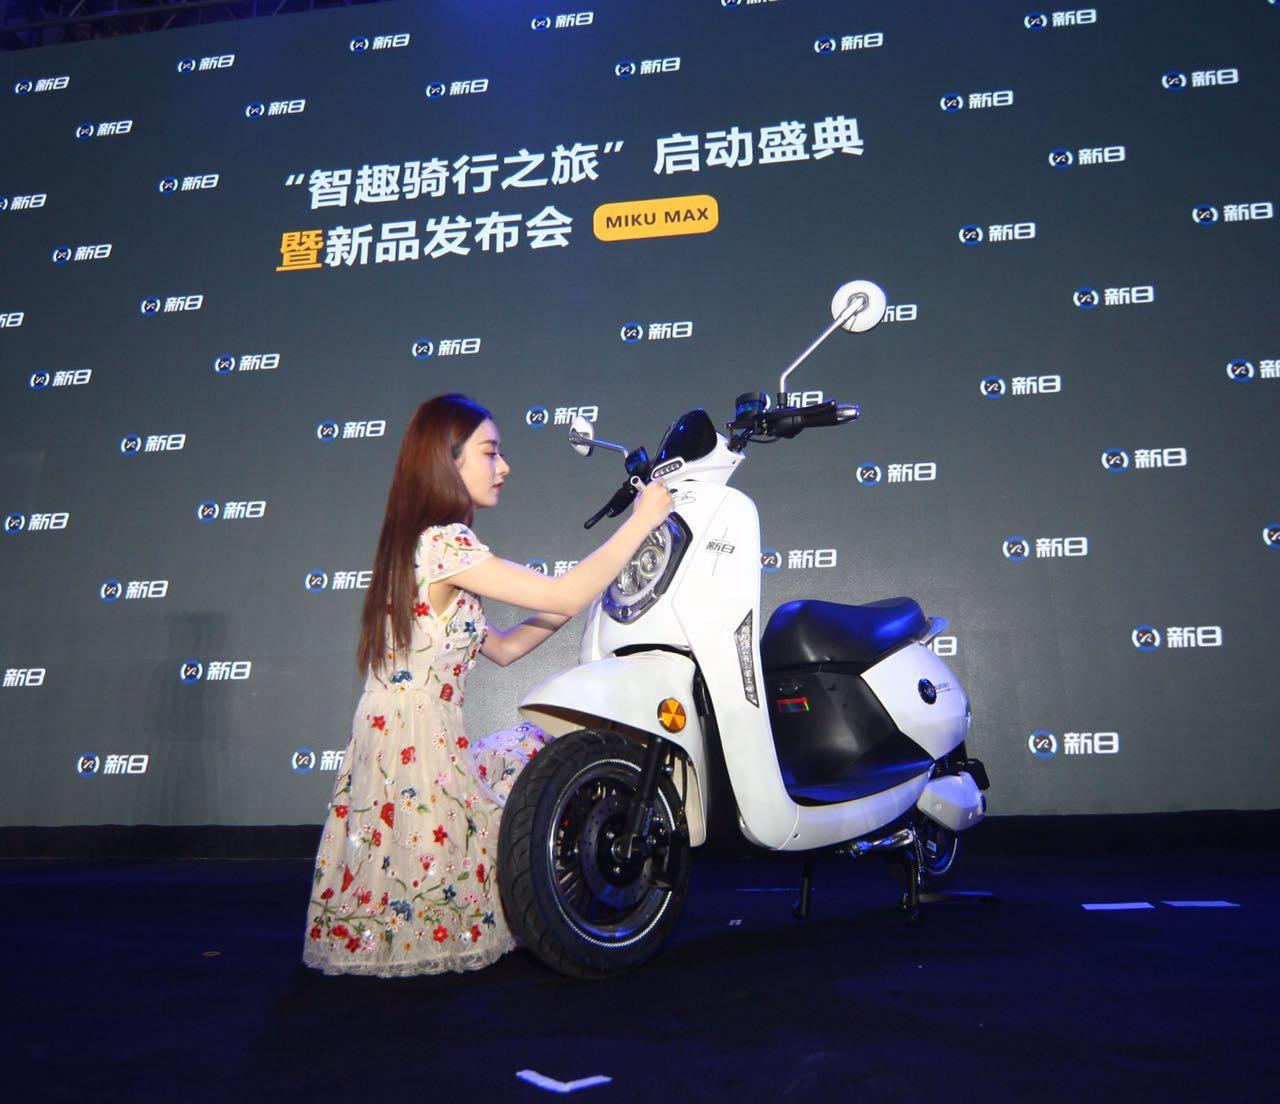 新日MIKU MAX 上市发布,京东预售4999元起,  赵丽颖担纲首席体验官!